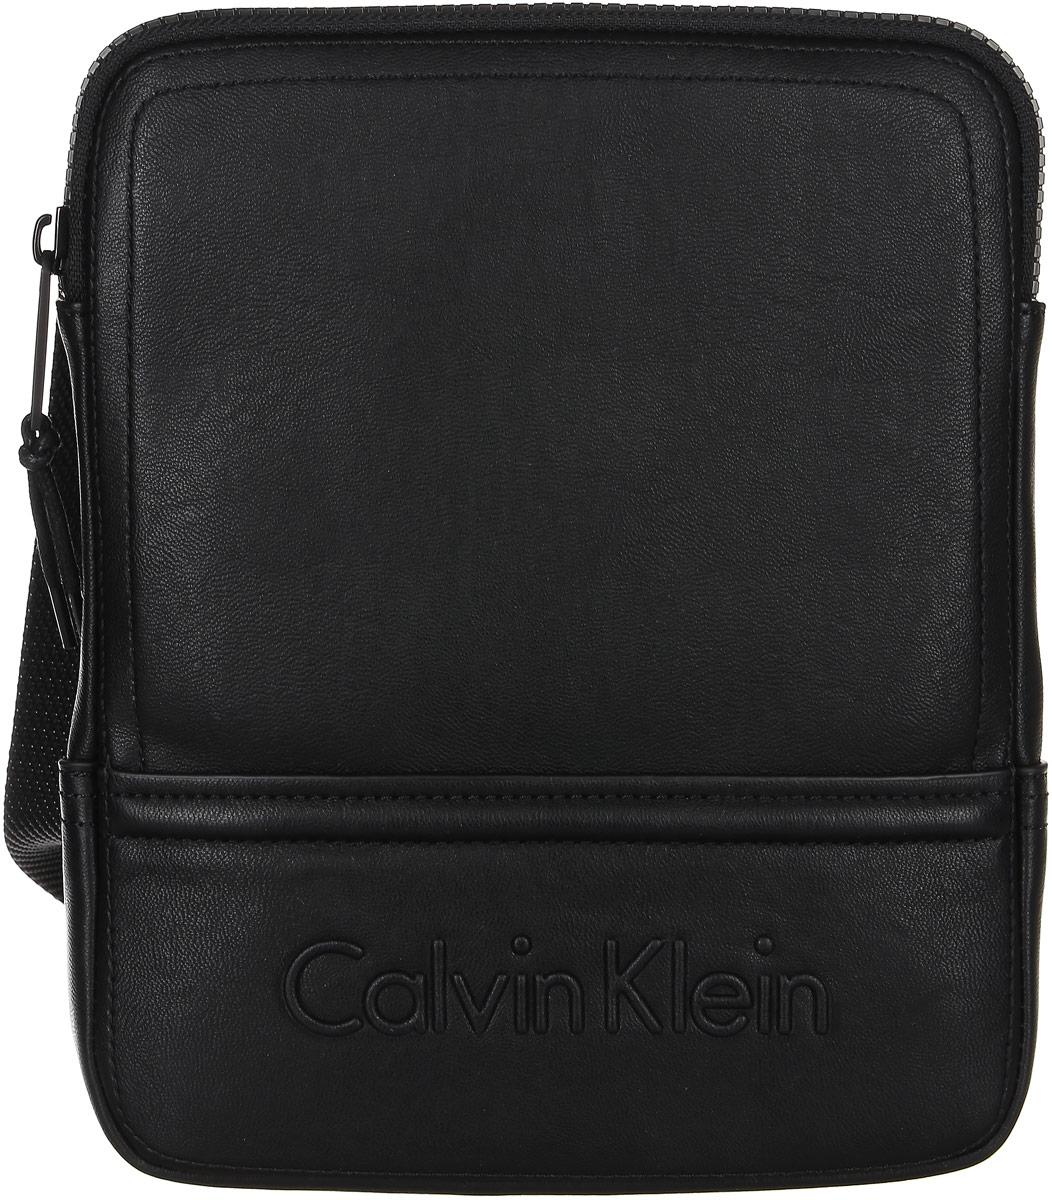 Сумка мужская Calvin Klein Jeans, цвет: черный. K50K502153_0010K50K502153_0010Стильная мужская сумка Calvin Klein не оставит вас равнодушным благодаря своему дизайну. Она изготовлена из качественной искусственной кожи и оформлена тиснением с названием бренда. Сумка оснащена удобным широким плечевым ремнем, длину которого можно регулировать с помощью пряжки. Изделие закрывается на удобную молнию. На тыльной стороне расположен накладной открытый карман для мелочей. Внутри расположено главное отделение, которое содержит удобный накладной карман. Такая модная и практичная сумка станет незаменимым аксессуаром в вашем гардеробе.